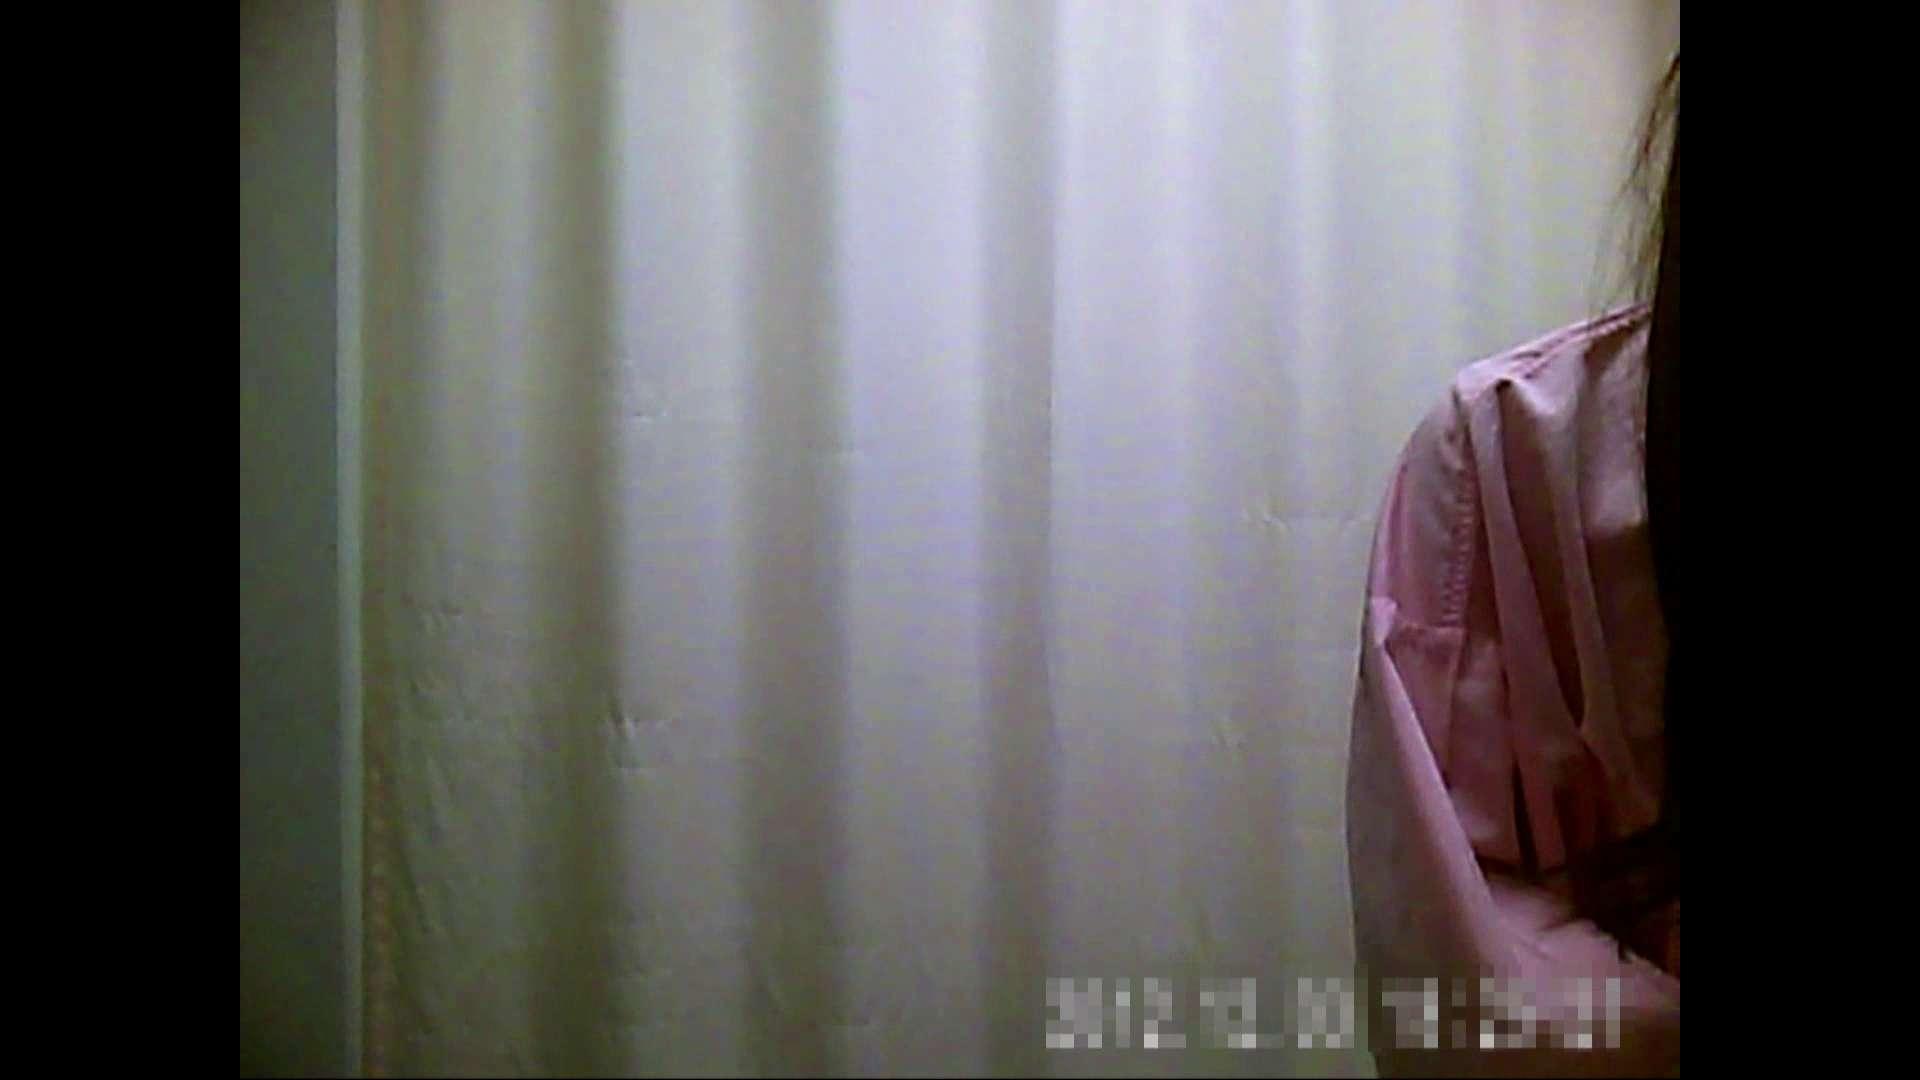 無修正エロ動画 元医者による反抗 更衣室地獄絵巻 vol.129 怪盗ジョーカー